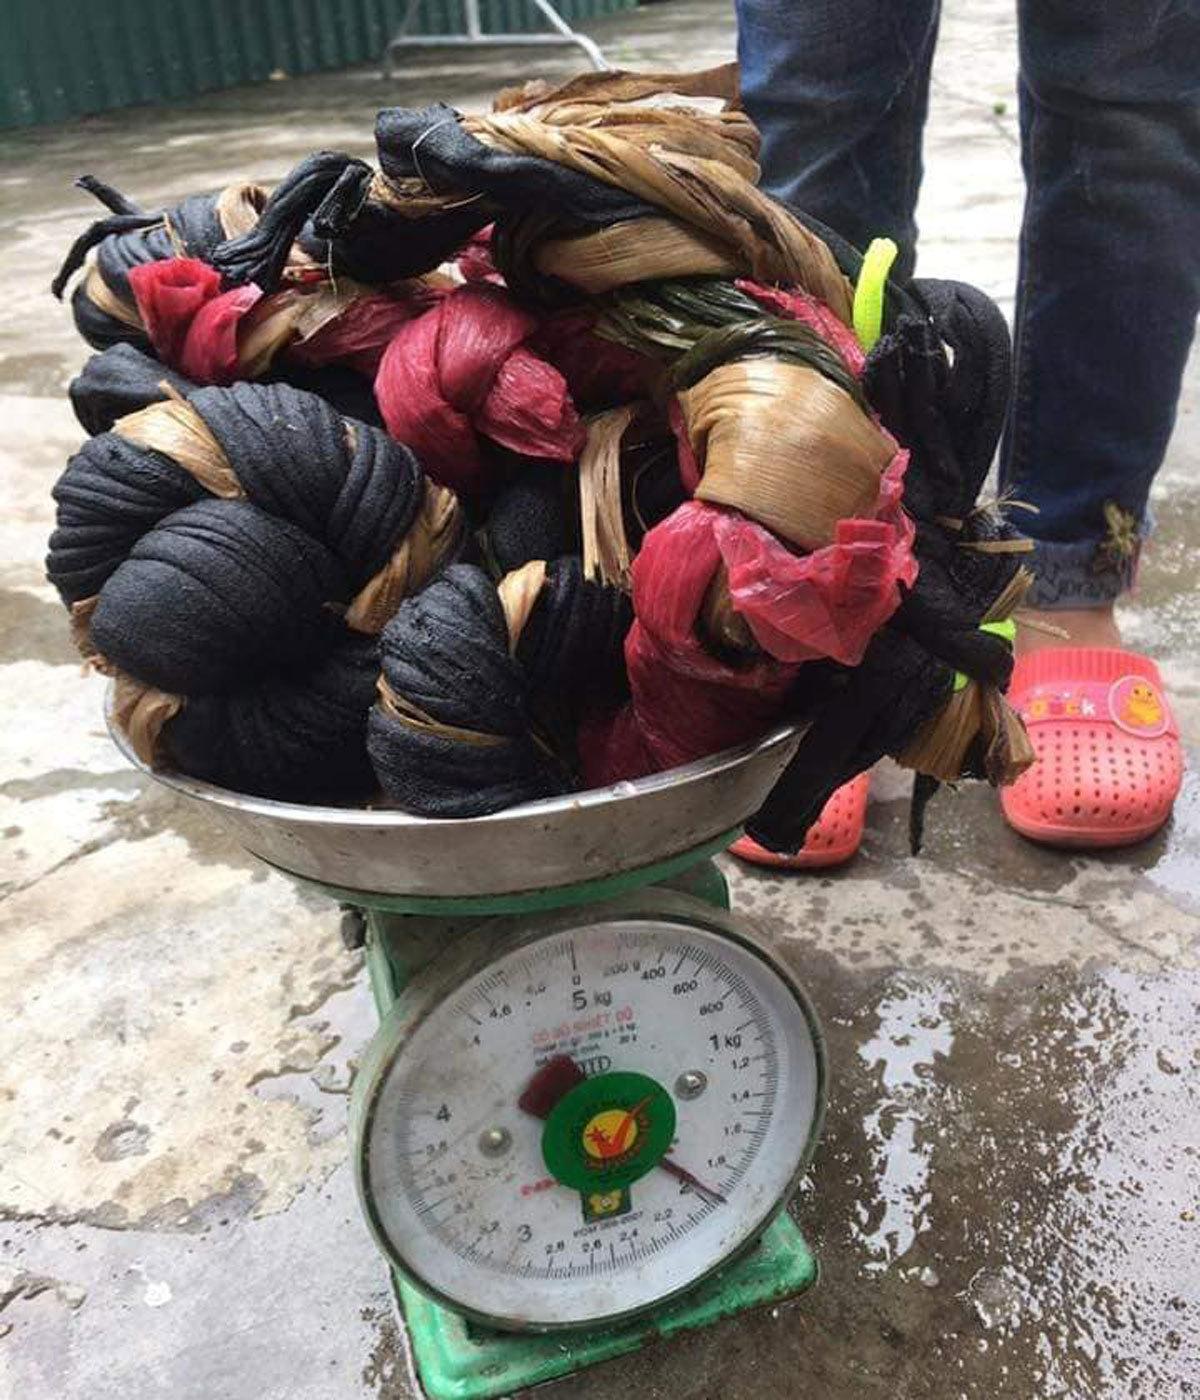 Mua 2,5kg cua 'khuyến mãi' 1,9 kg dây vải: Thanh niên khóc ròng